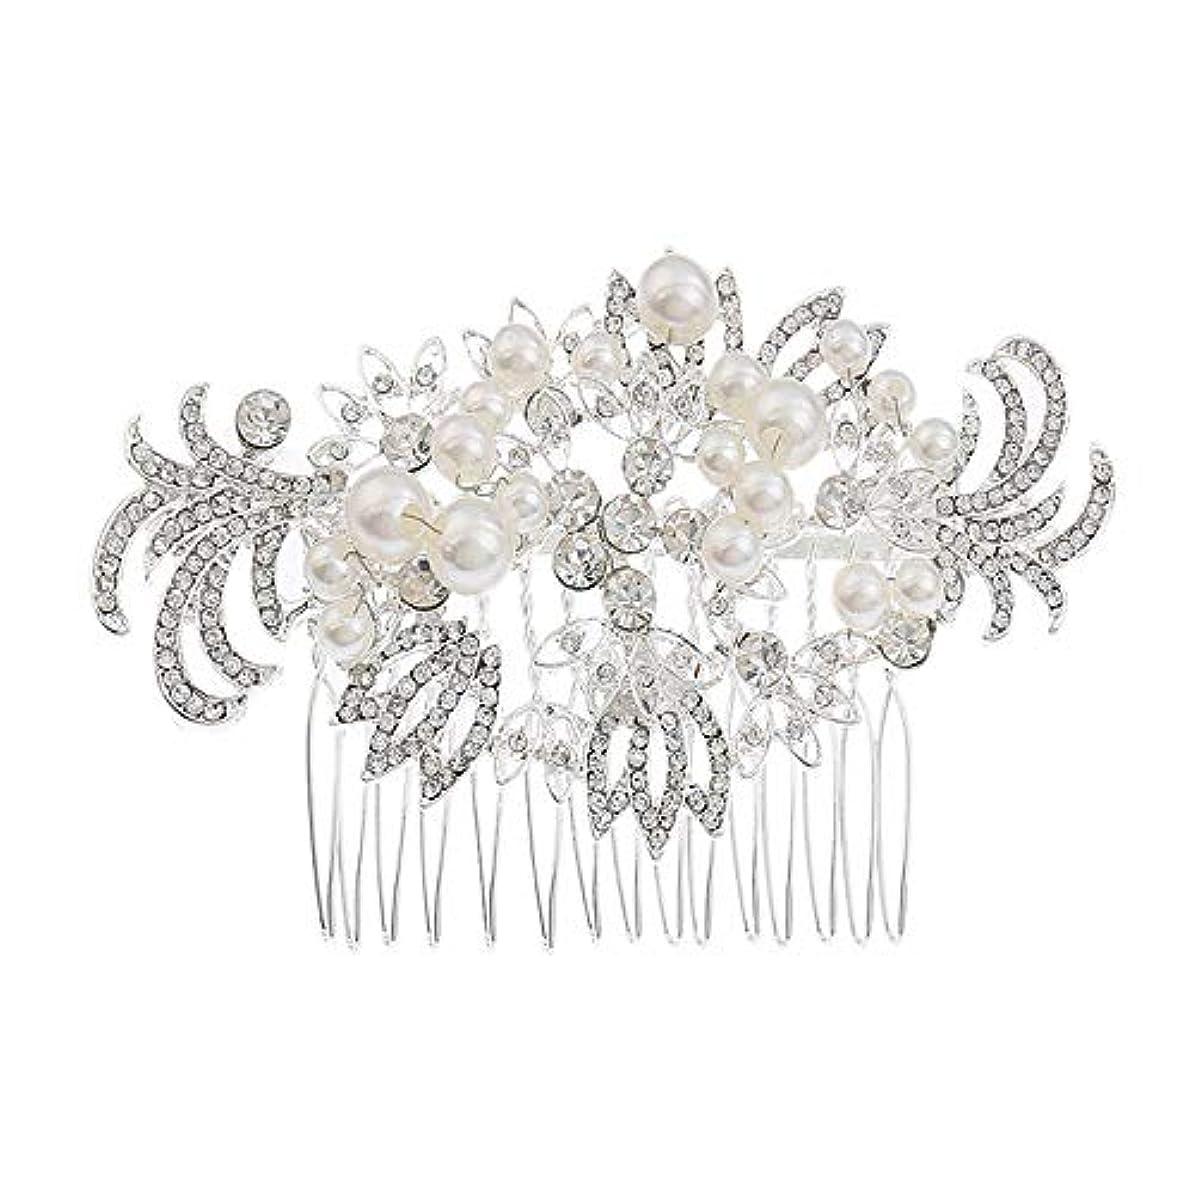 ヤング有害ボート髪の櫛挿入櫛花嫁の髪櫛真珠の髪の櫛ラインストーンの髪の櫛結婚式のヘアアクセサリー合金の帽子ブライダルヘッドドレス